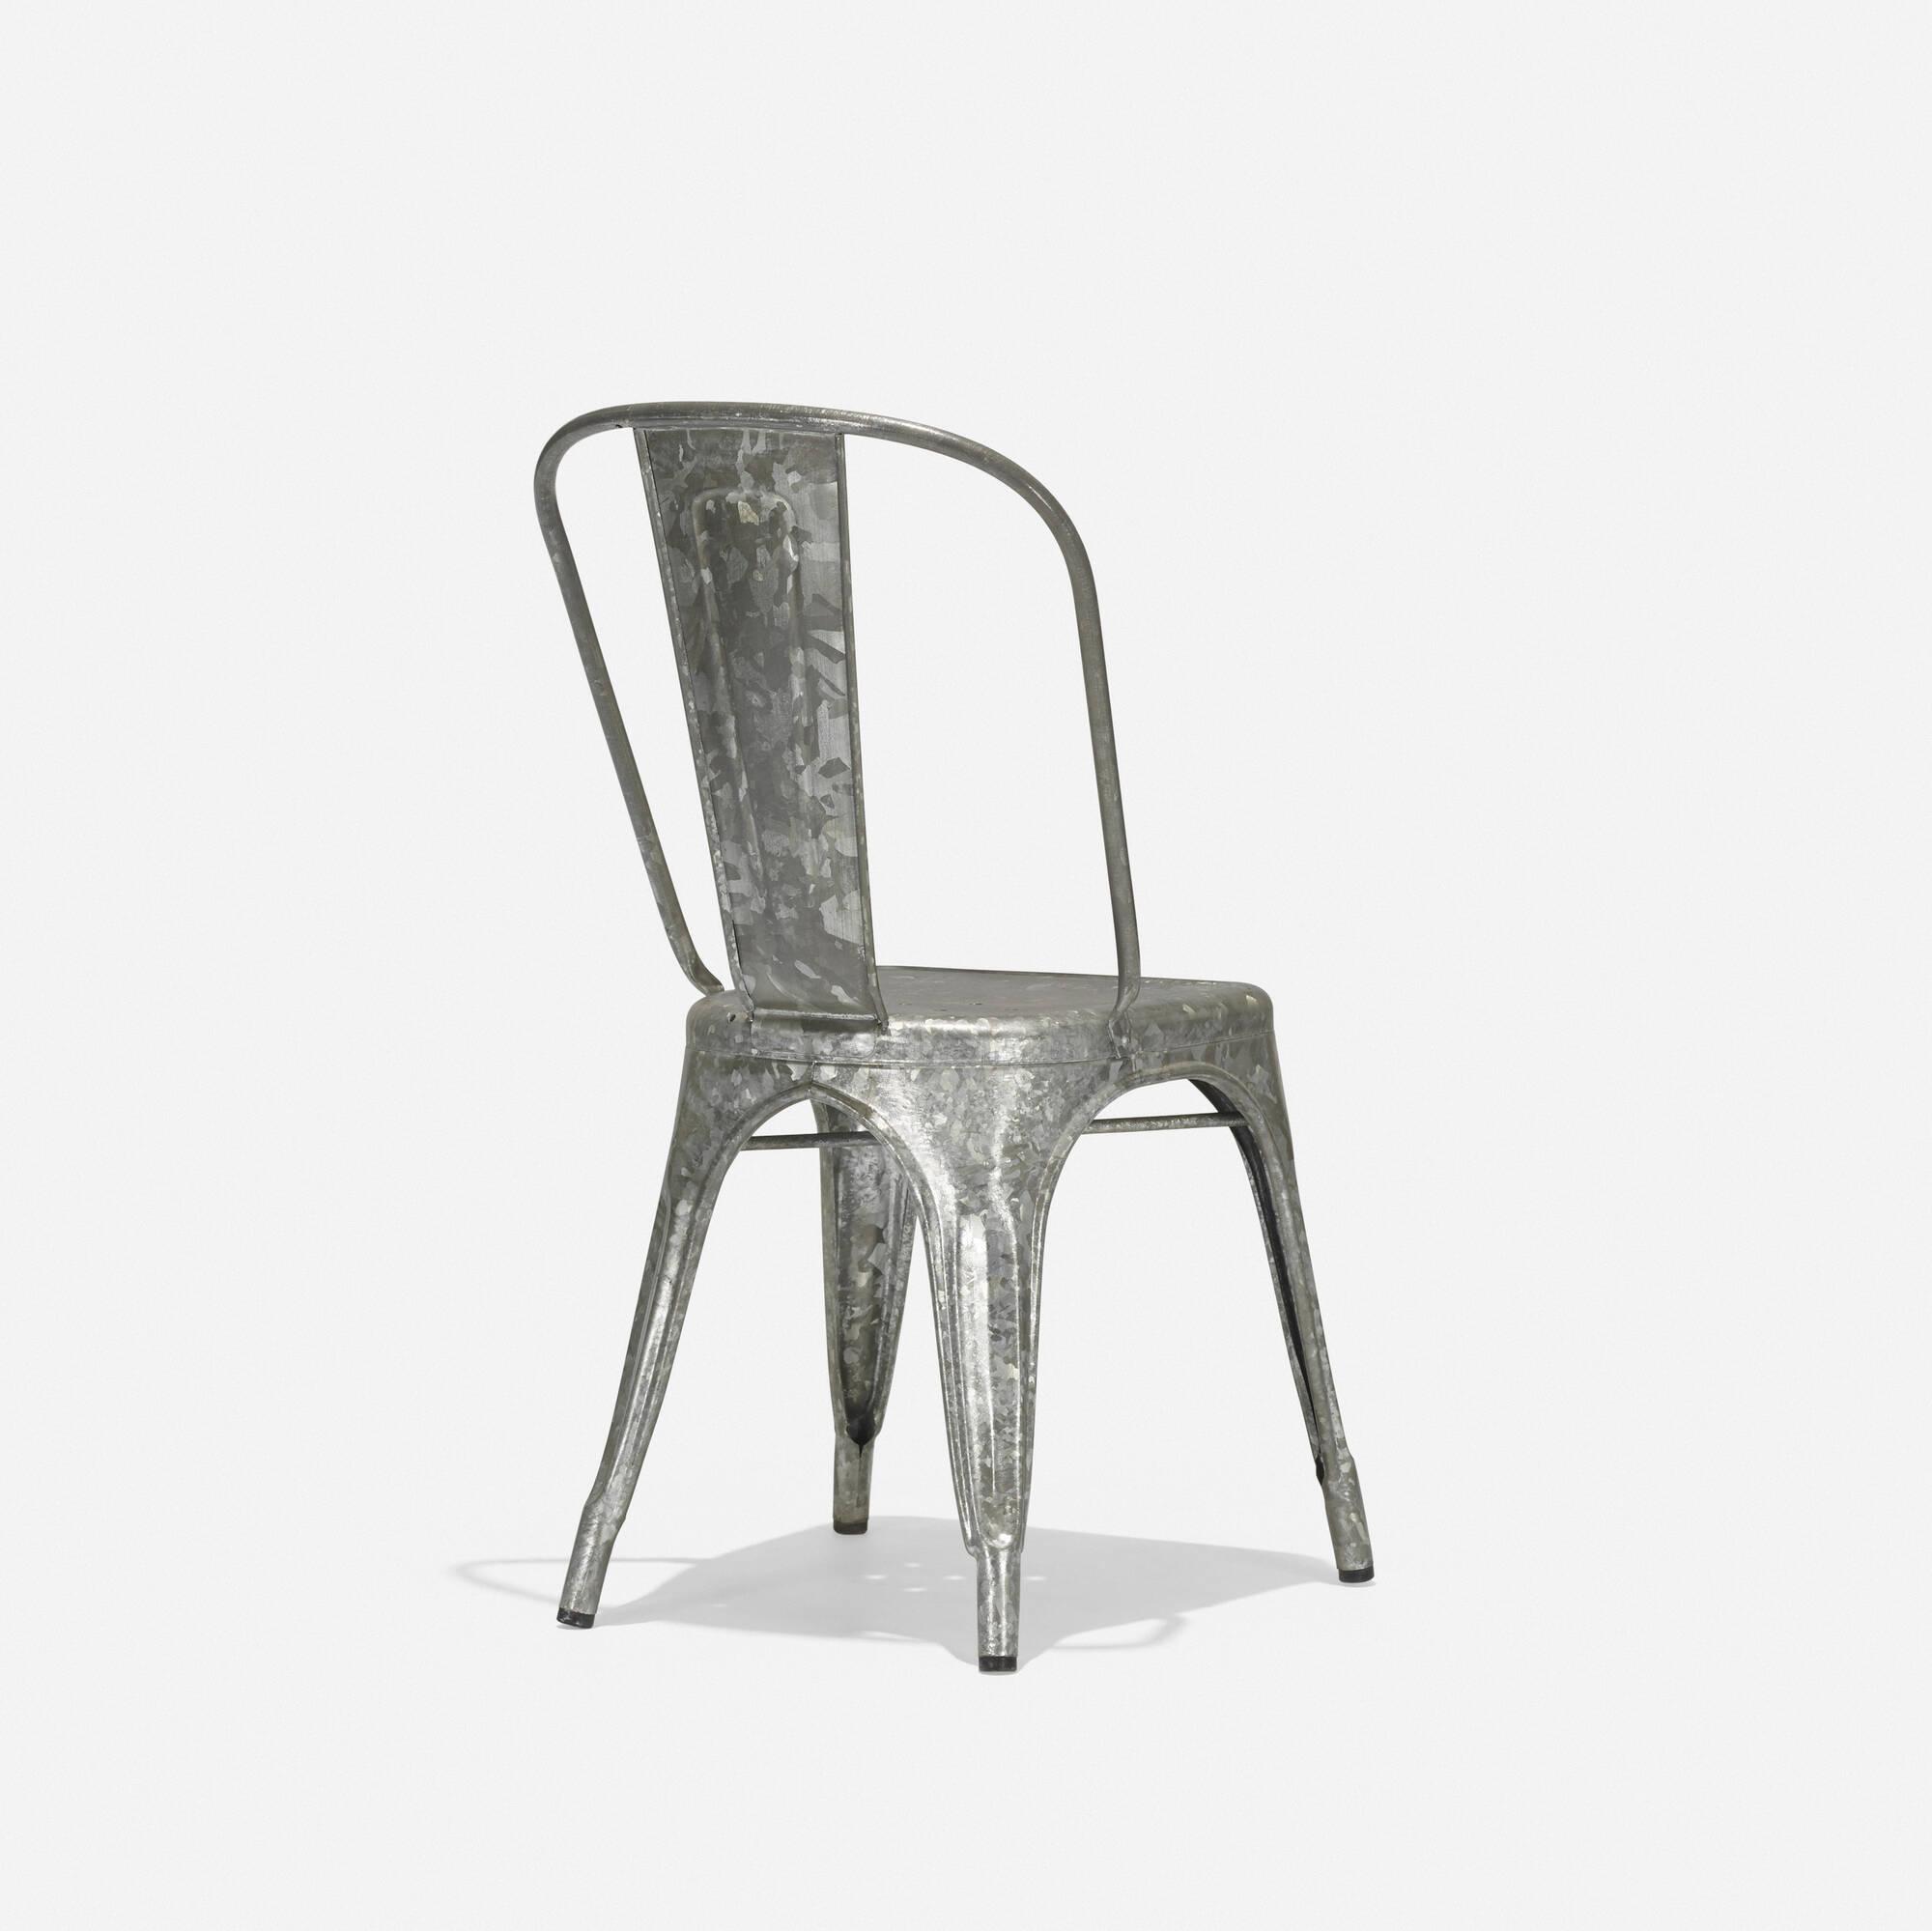 358: Xavier Pauchard / Model A chair (3 of 3)